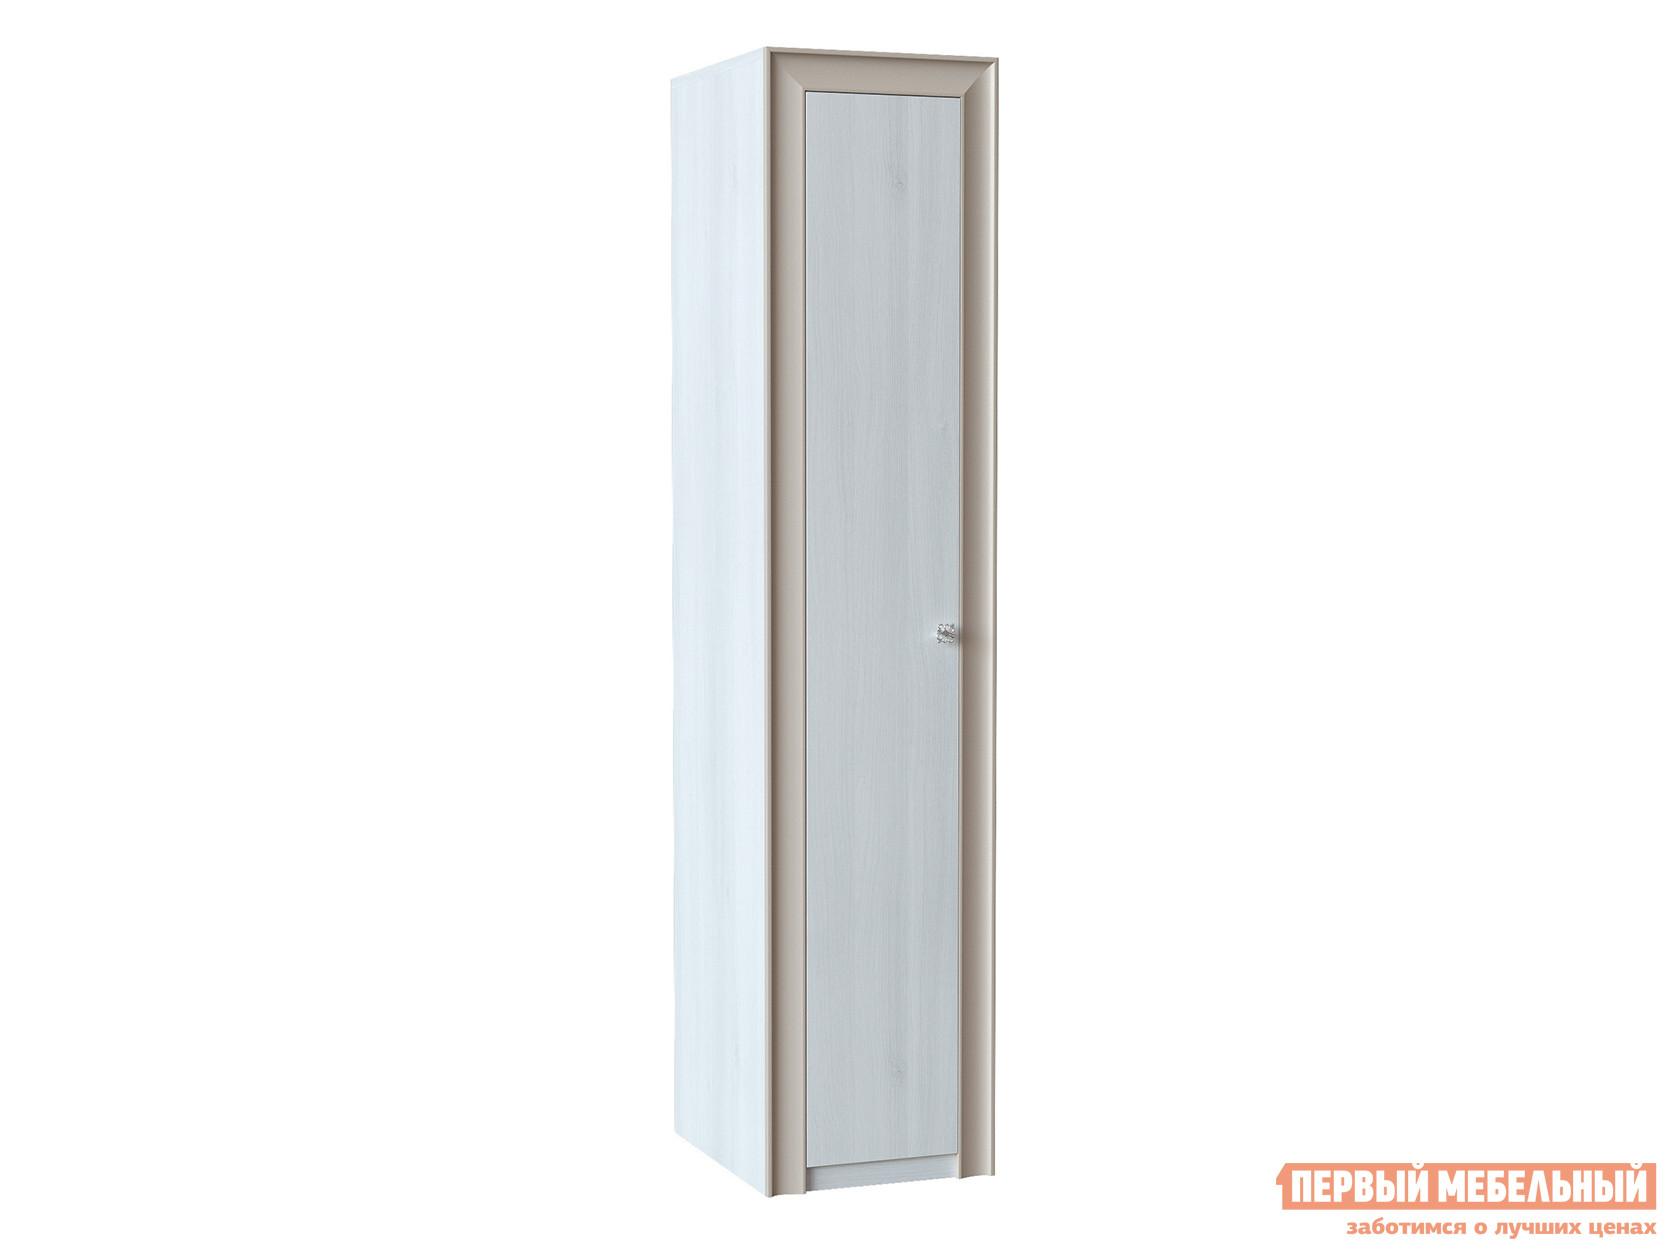 Шкаф-пенал Первый Мебельный Прато Ш1 напольное зеркало первый мебельный прато вз